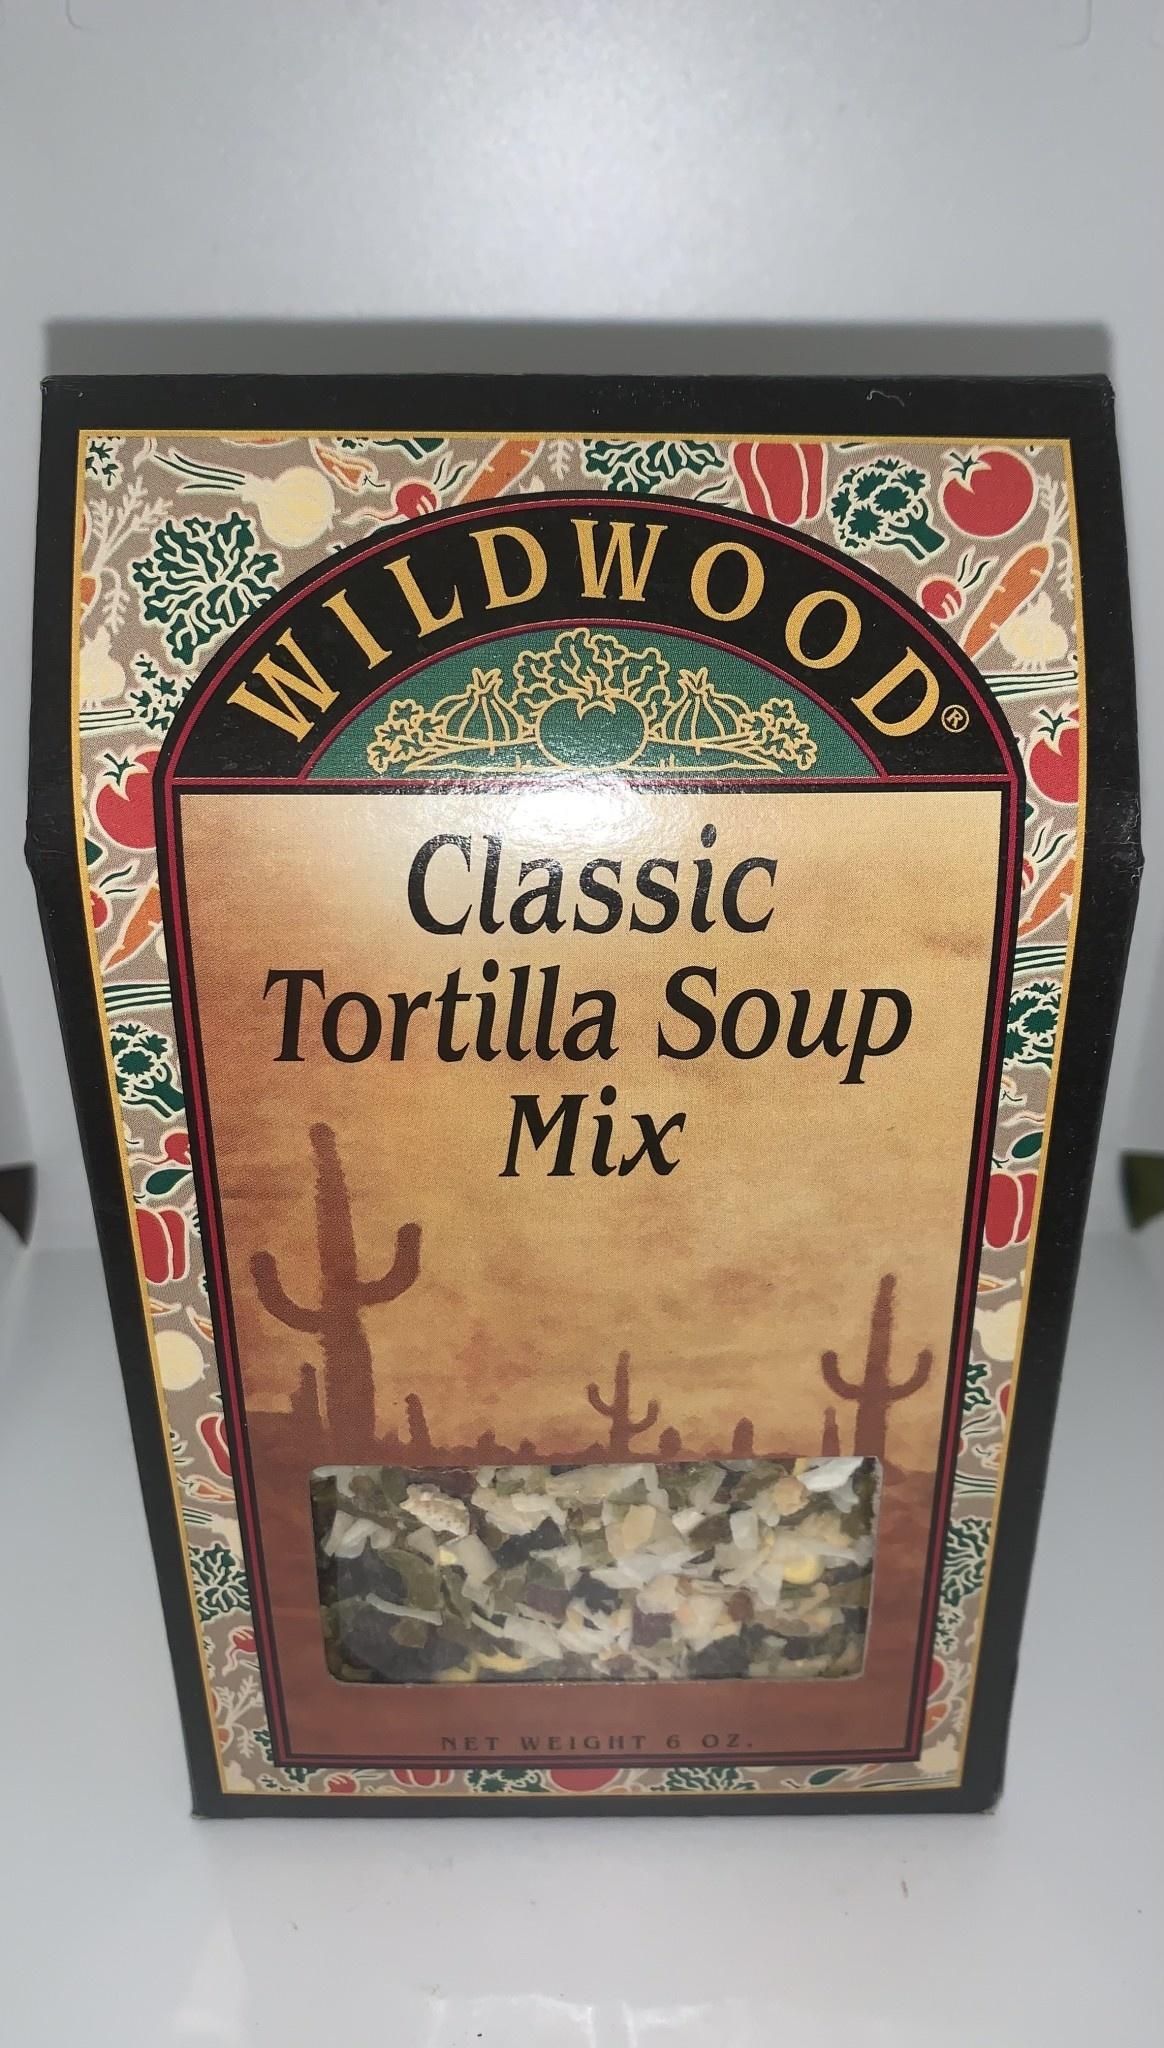 Wildwood Classic Tortilla Soup Mix